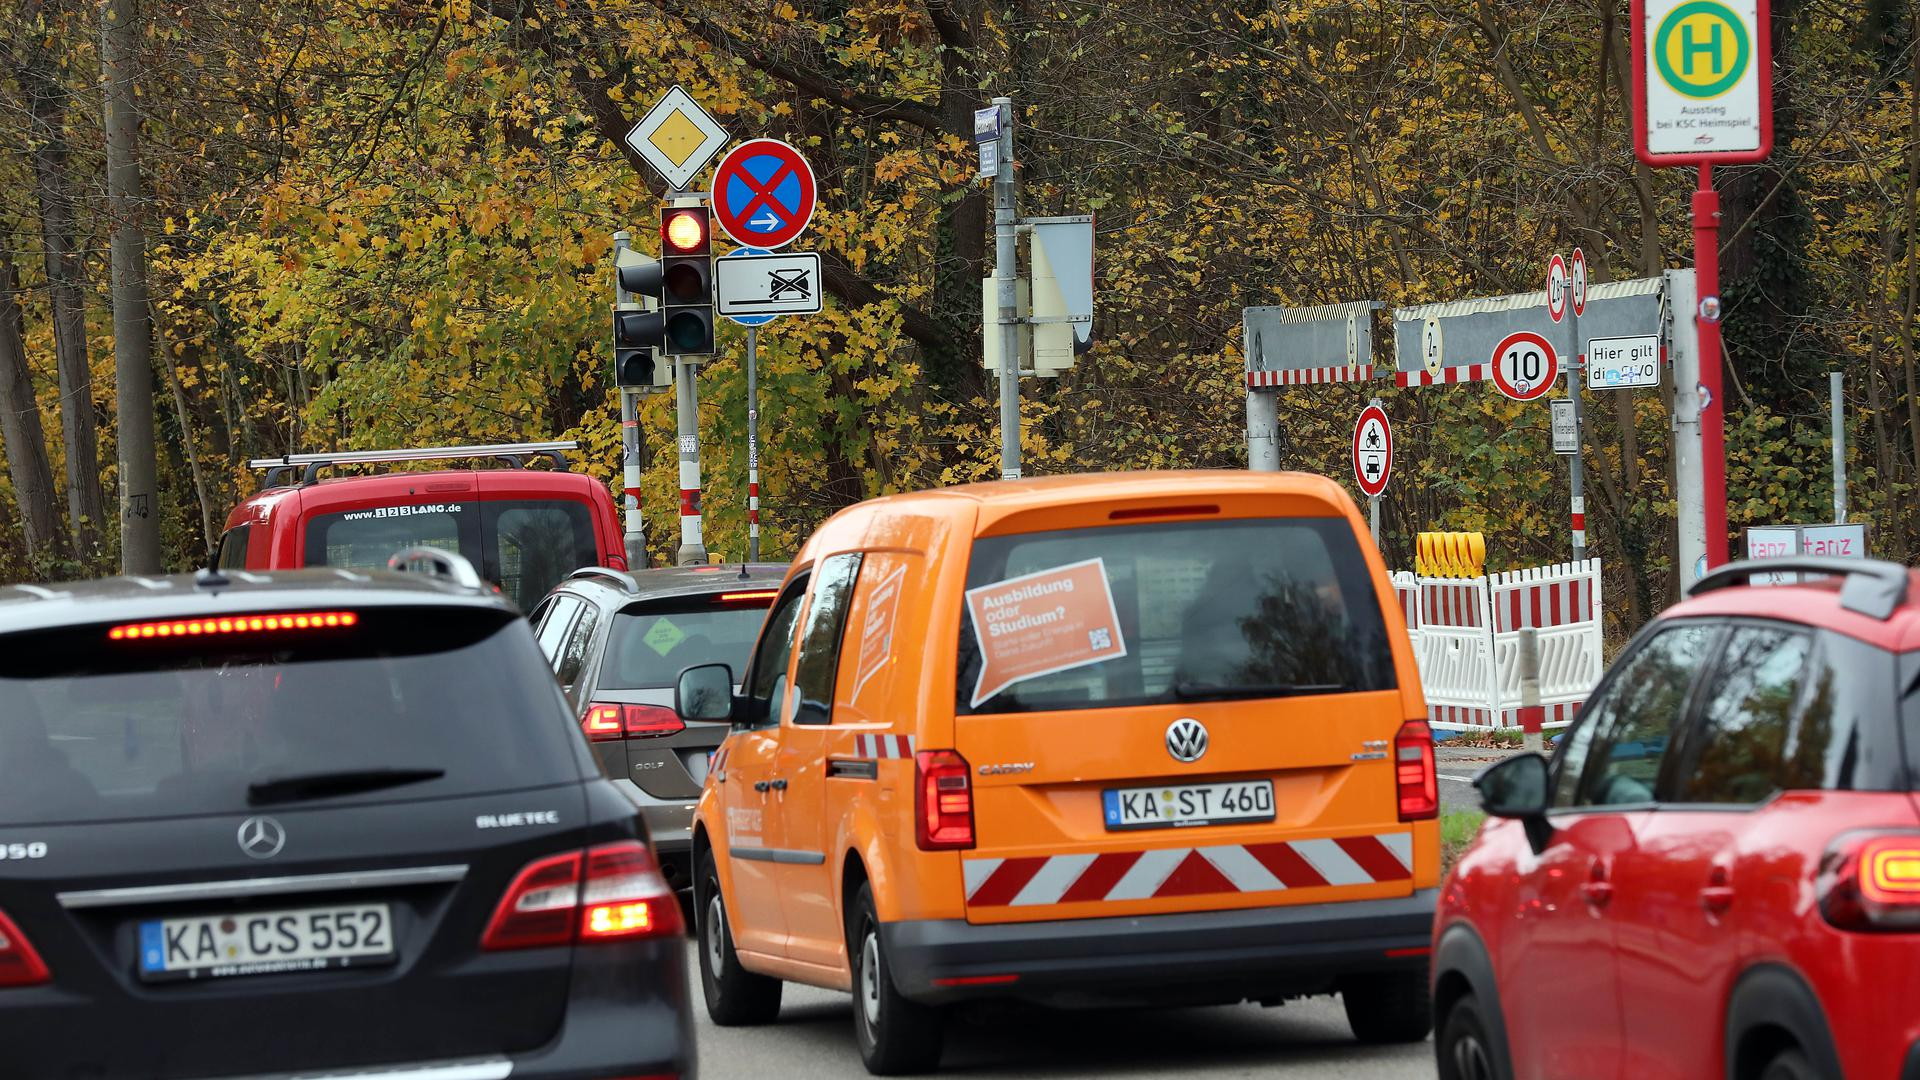 © Jodo-Foto /  Joerg  Donecker// 17.11.2020 Ampelschaltung beim Birkenparkplatz und KSC-Stadion,         -Copyright - Jodo-Foto /  Joerg  Donecker Sonnenbergstr.4  D-76228 KARLSRUHE TEL:  0049 (0) 721-9473285 FAX:  0049 (0) 721 4903368  Mobil: 0049 (0) 172 7238737 E-Mail:  joerg.donecker@t-online.de Sparkasse Karlsruhe  IBAN: DE12 6605 0101 0010 0395 50, BIC: KARSDE66XX Steuernummer 34140/28360 Veroeffentlichung nur gegen Honorar nach MFM zzgl. ges. Mwst.  , Belegexemplar und Namensnennung. Es gelten meine AGB.